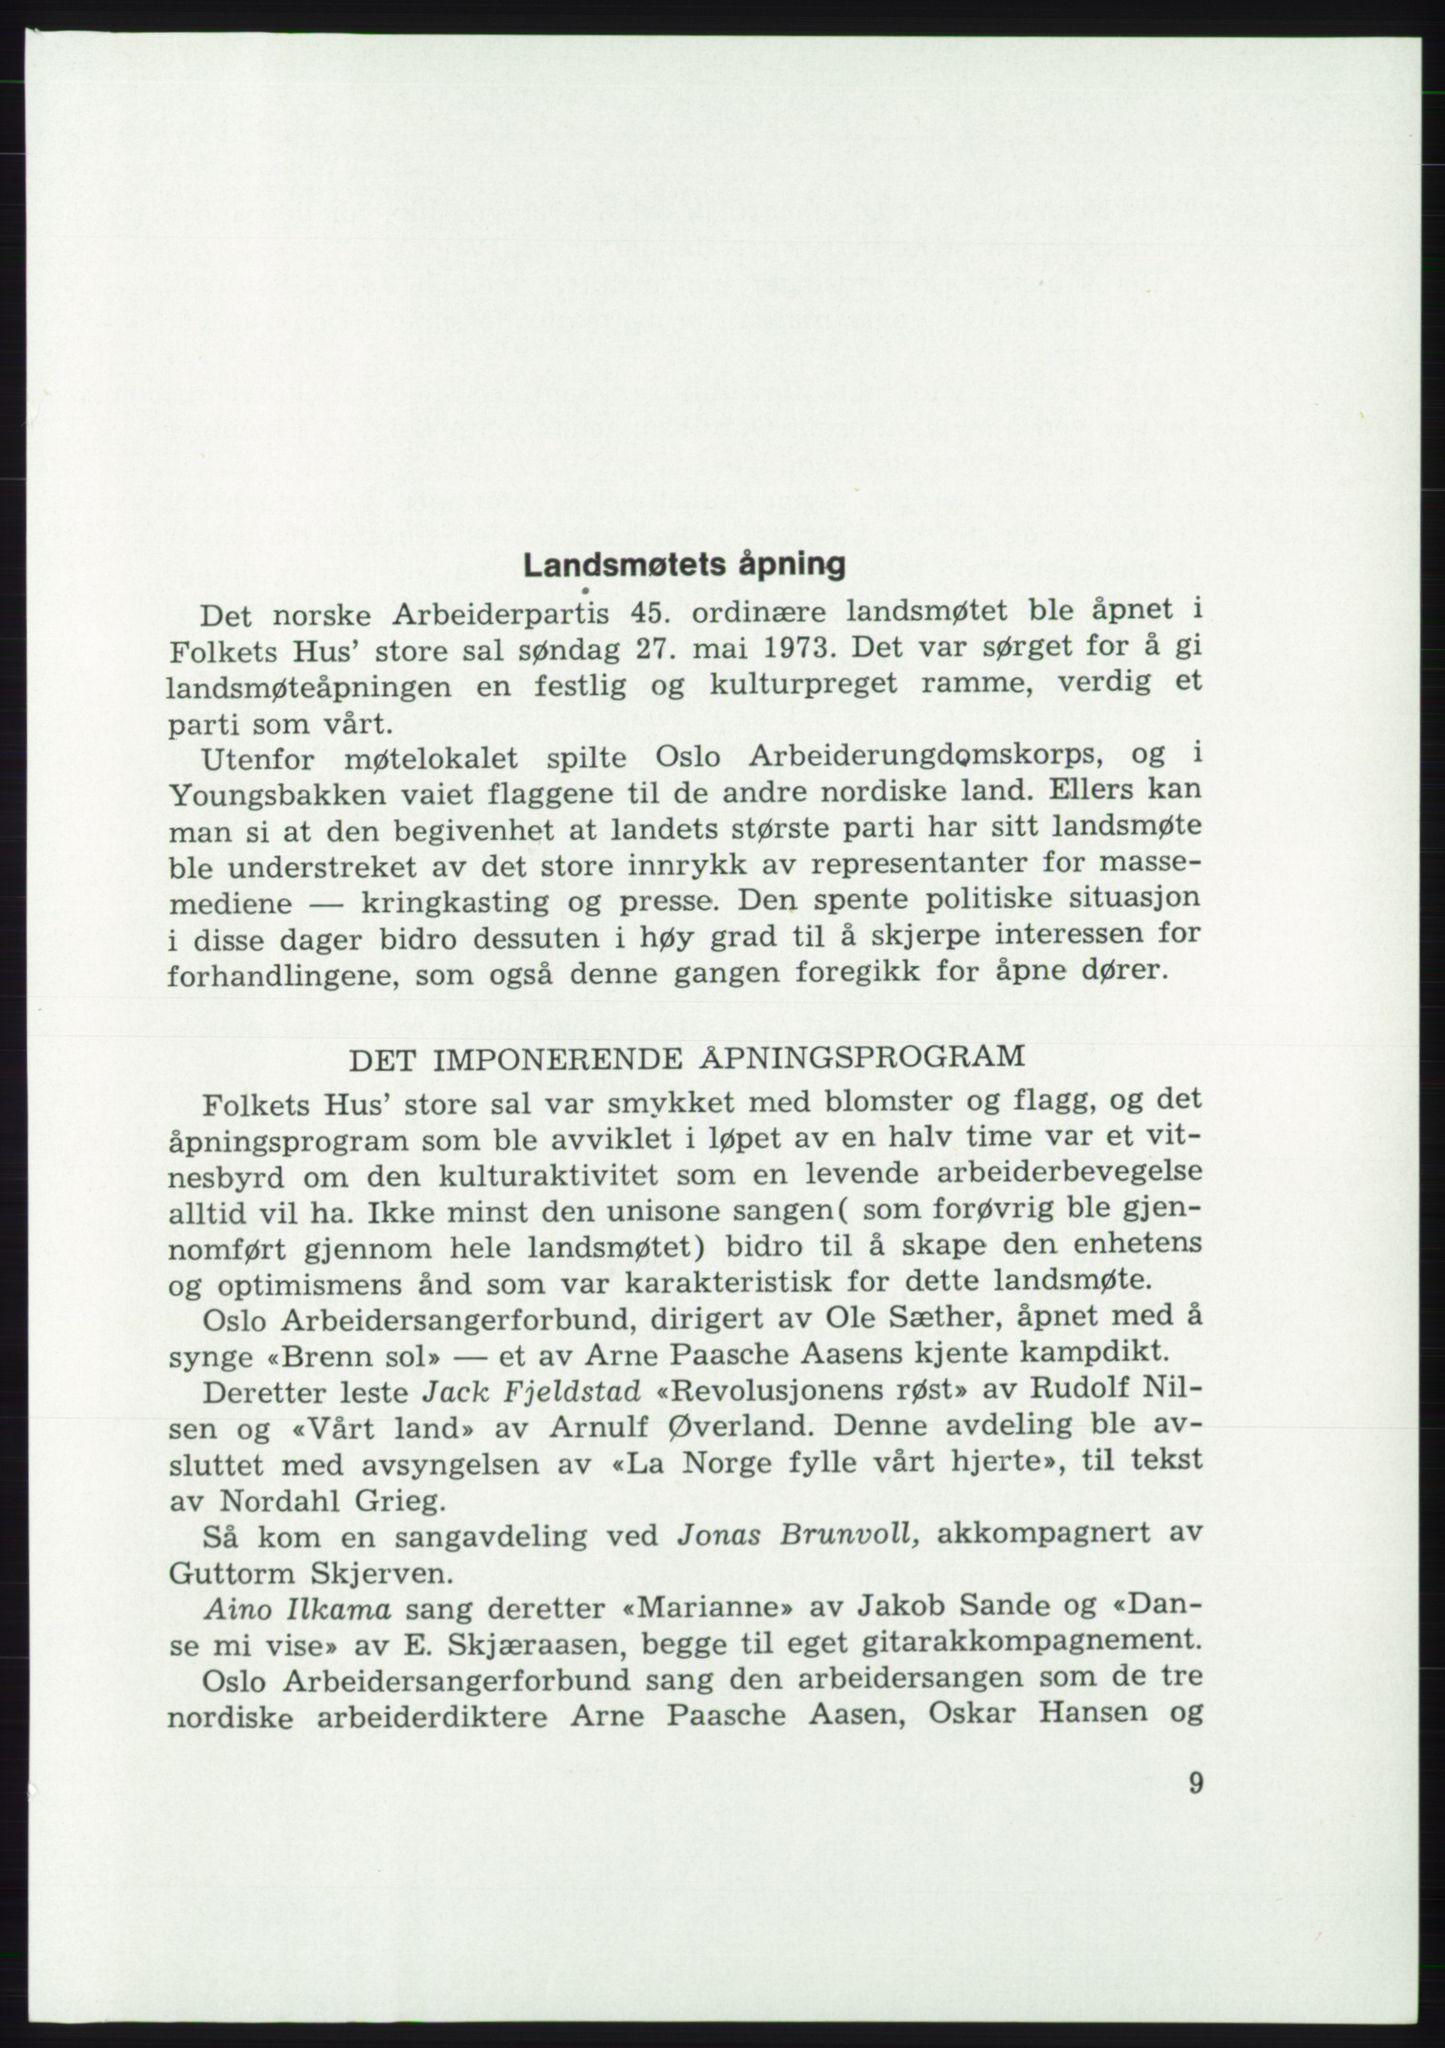 AAB, Det norske Arbeiderparti - publikasjoner, -/-: Protokoll over forhandlingene på det 45. ordinære landsmøte 27.-30. mai 1973 i Oslo, 1973, s. 9